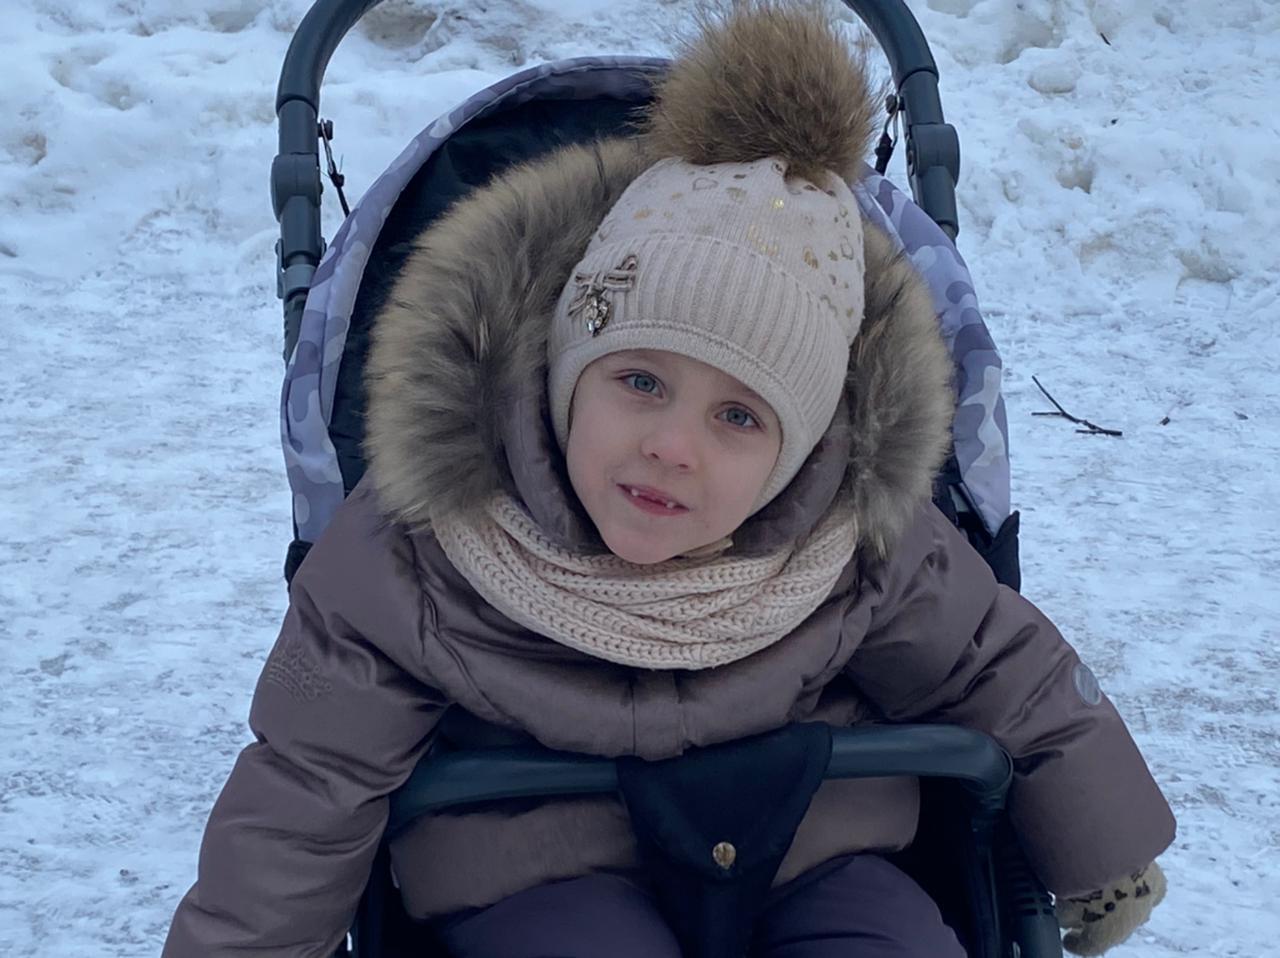 Косицына Валерия Михайловна, 17.09.2014 года рождения, 6лет, г.Кашира.